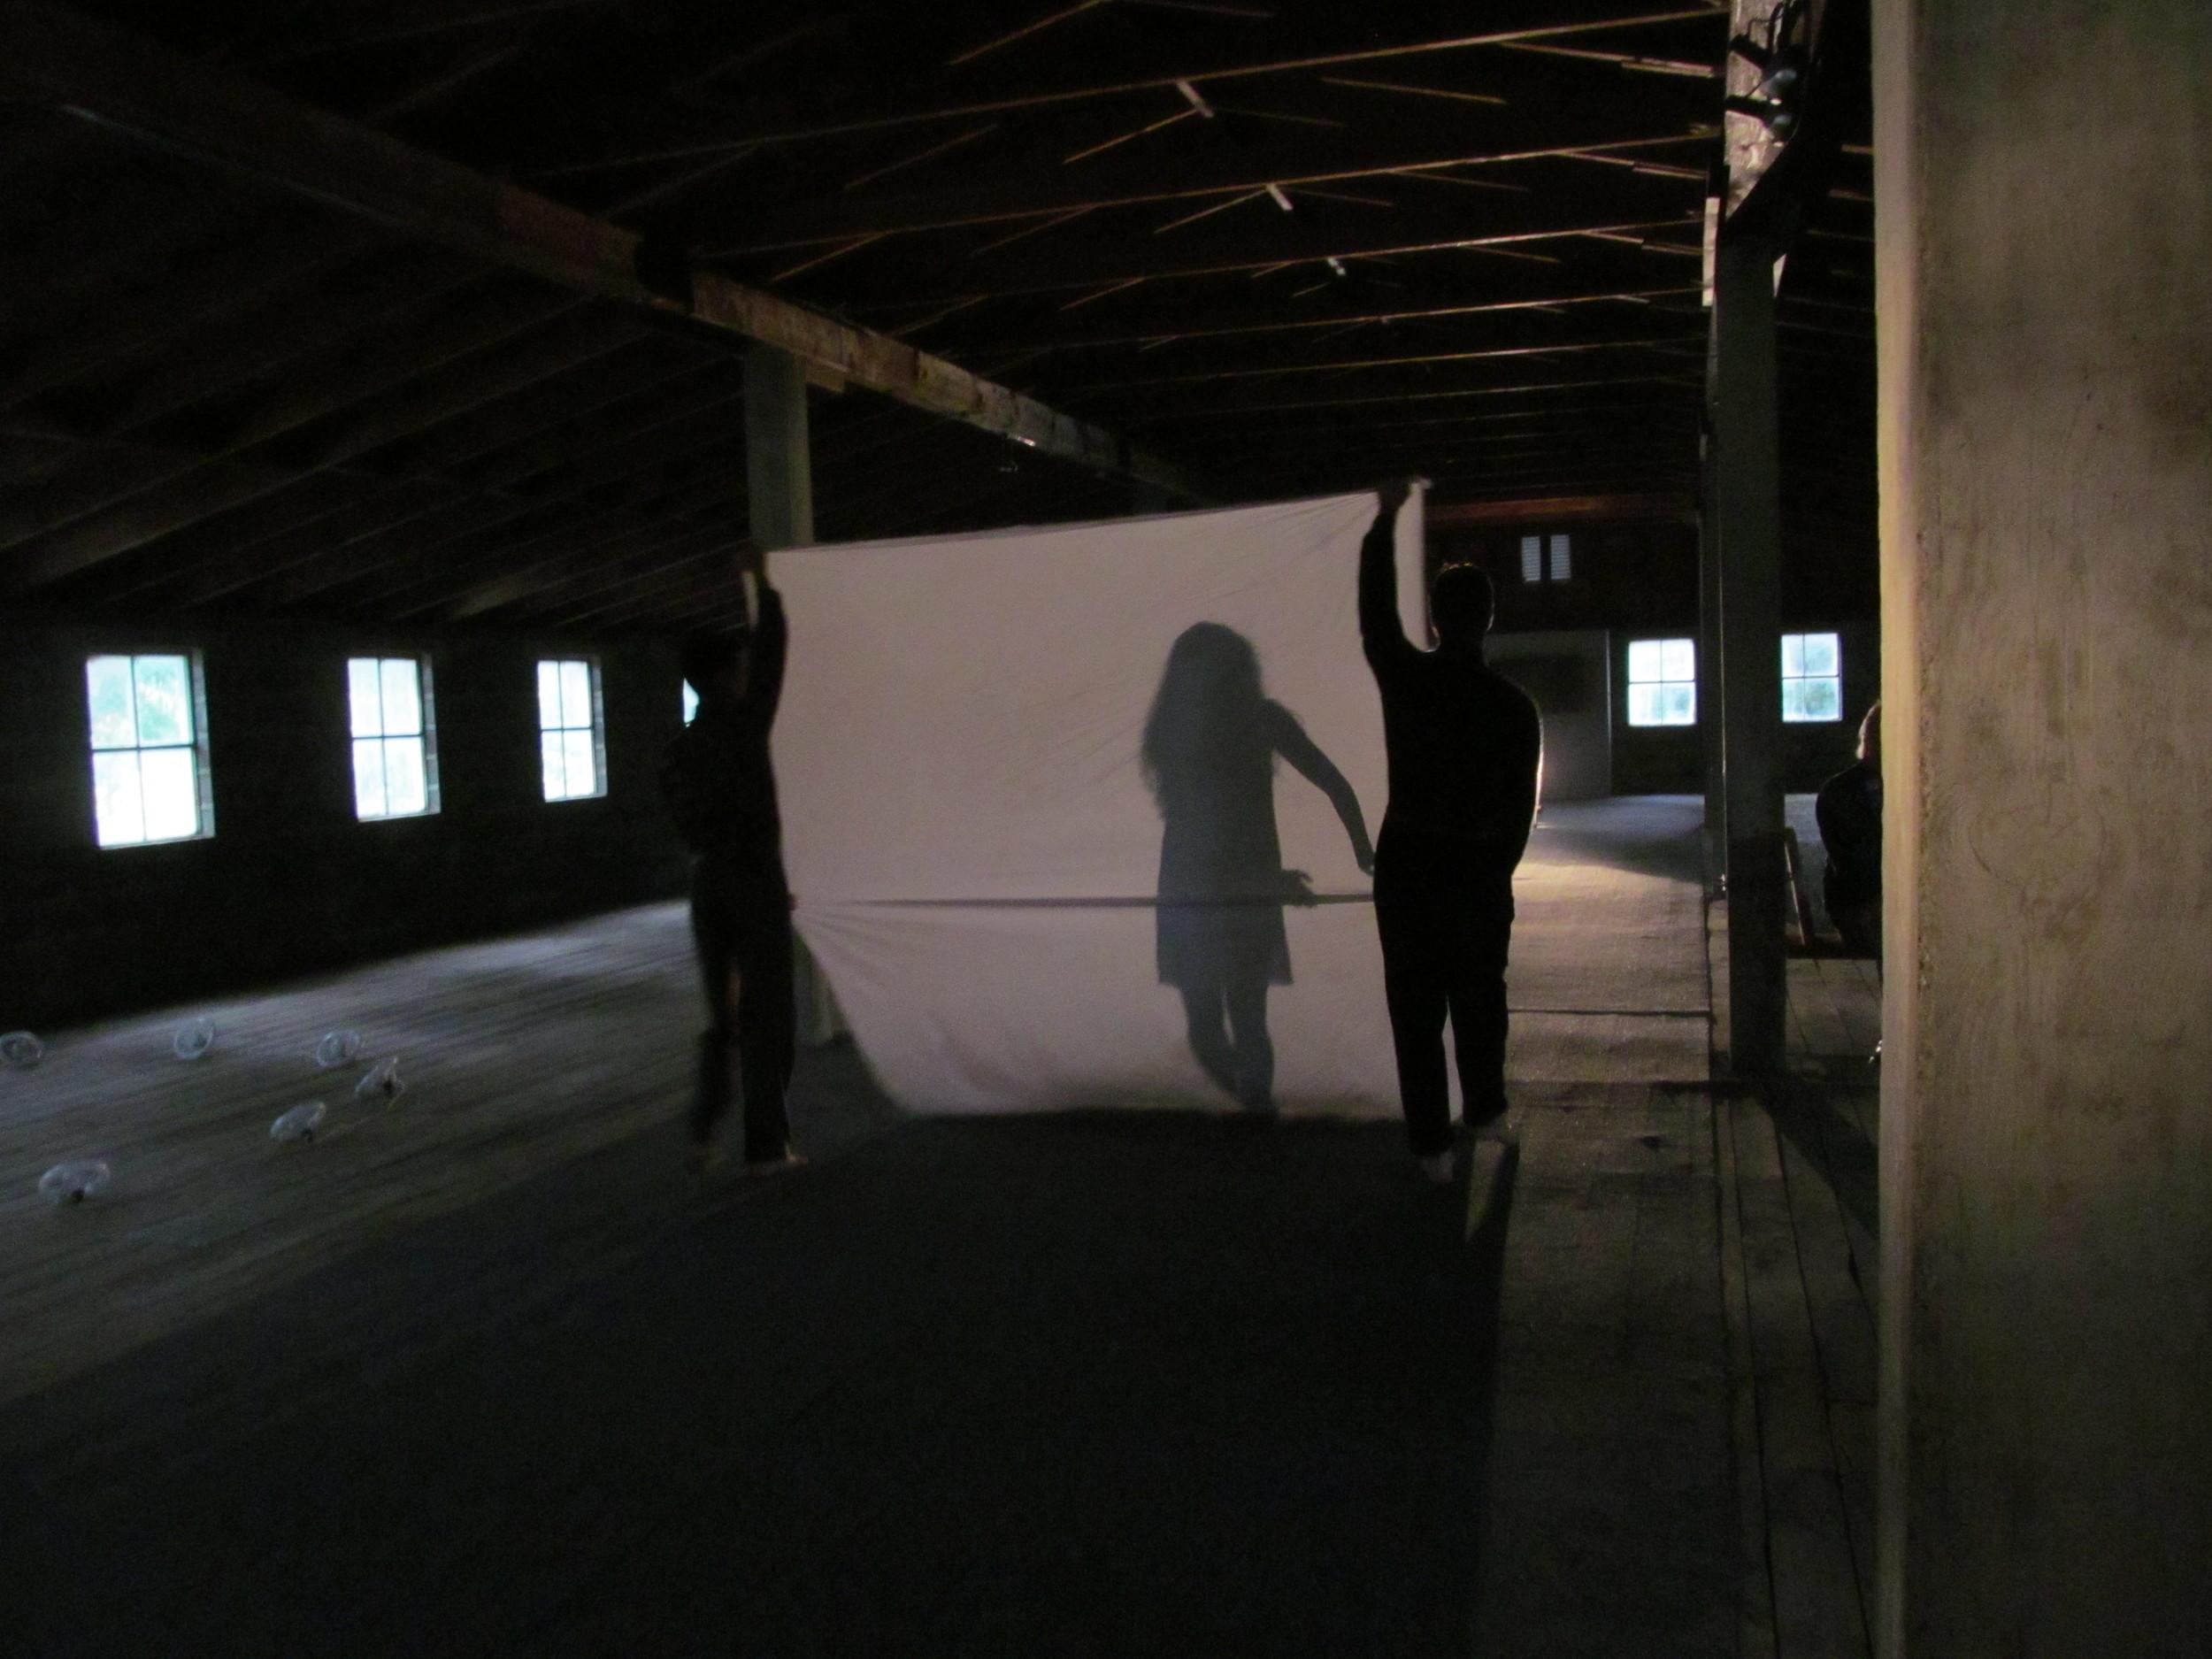 Adam H Weinert, Victoria Bek, Timothy Stanley| Hudson, NY | 2012 | Choreography by Adam Weinert | Photo by Daniel Rothbart